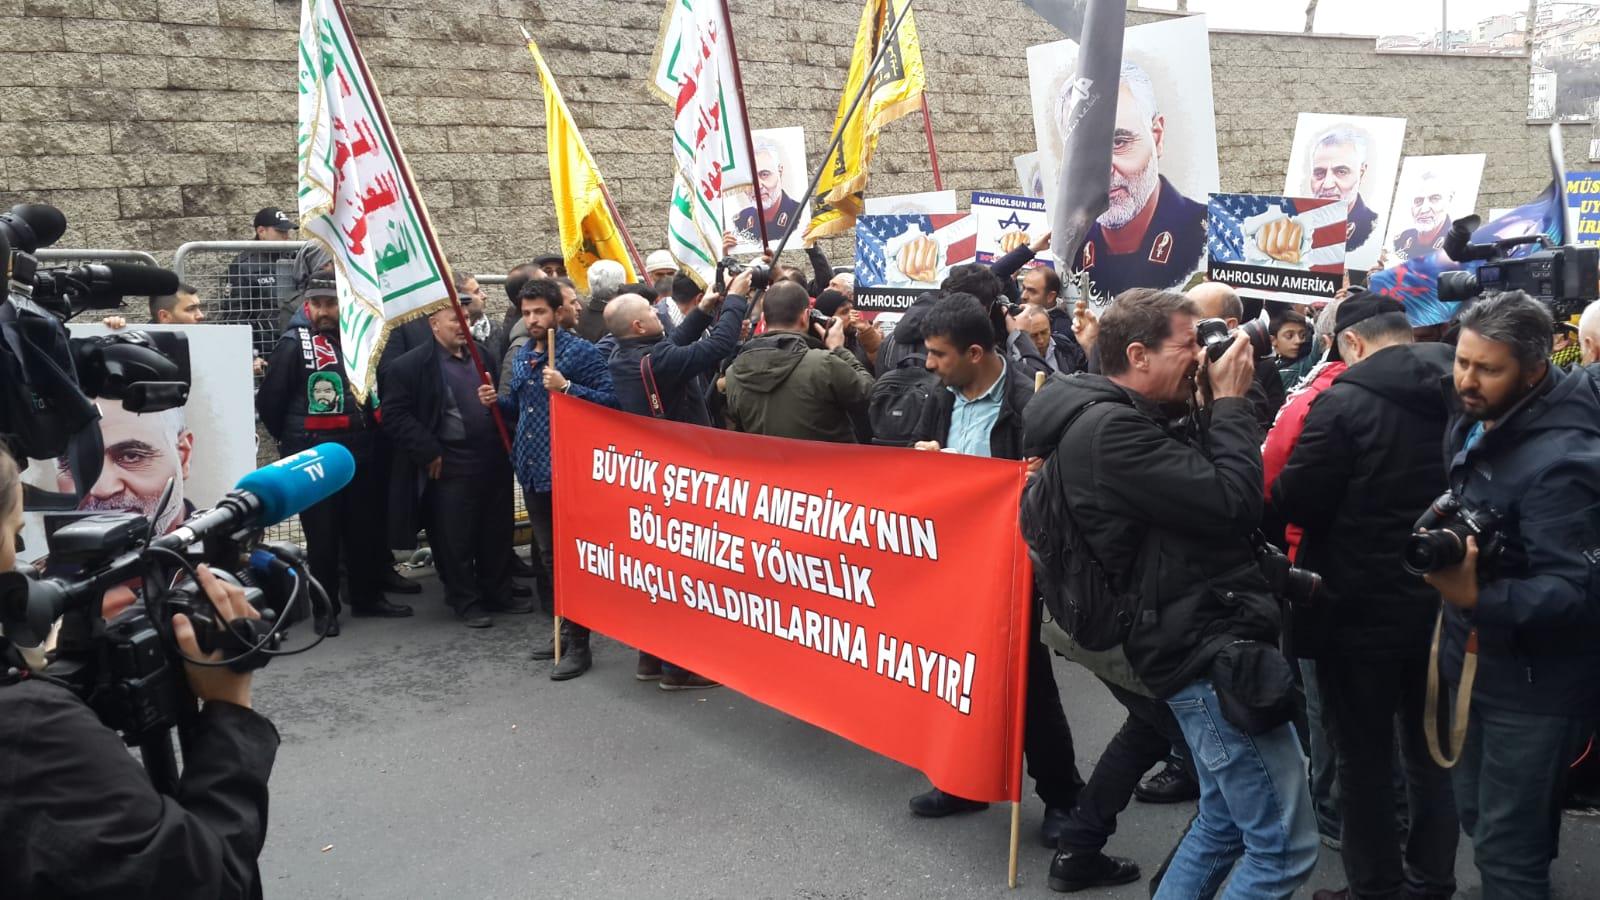 İstanbul'dan Süleymani'ye selam, Amerika'ya lanet sesleri yükseldi